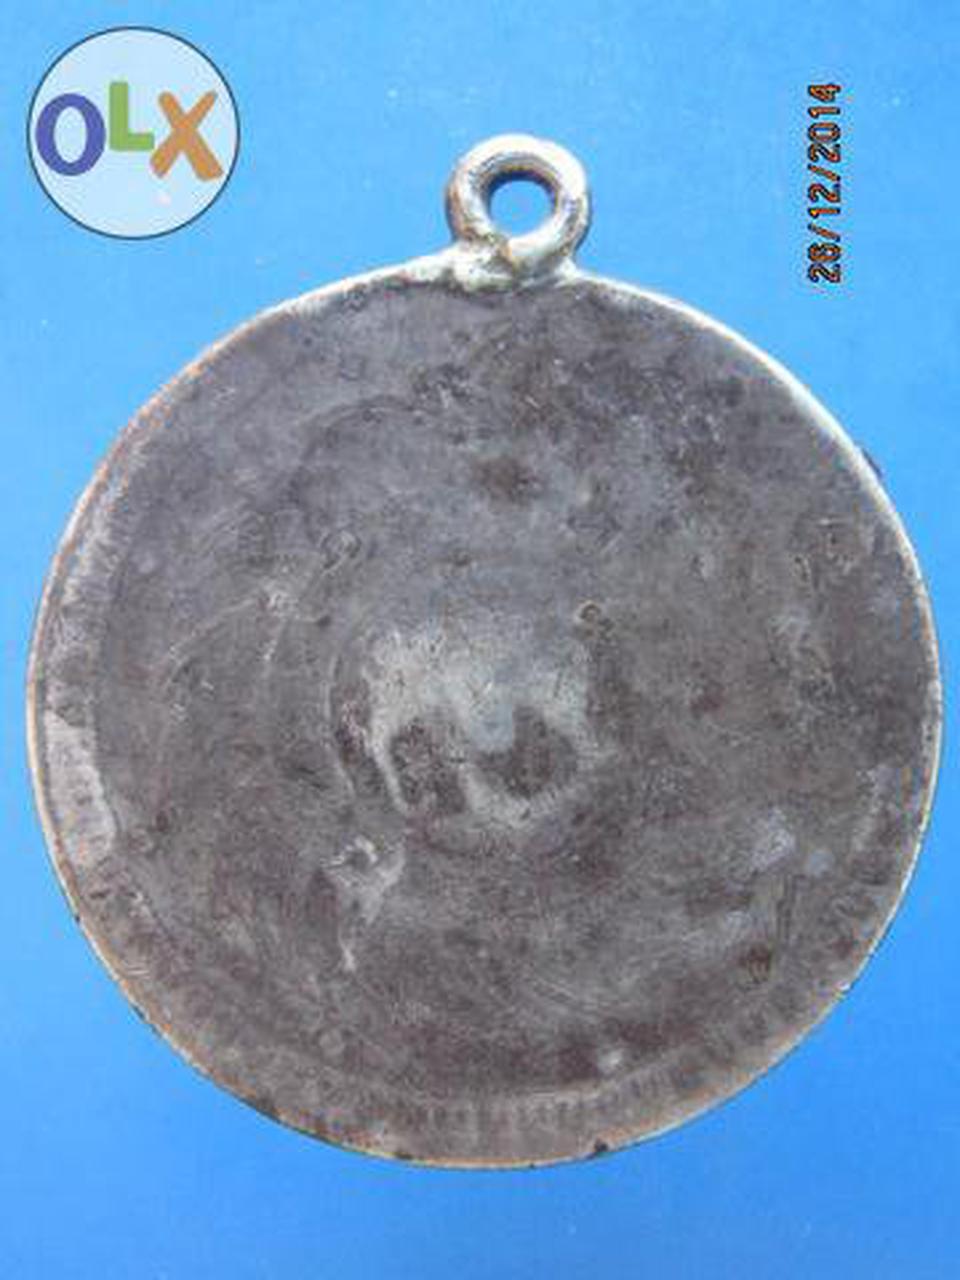 947 เหรียญ ร.4 หนึ่งบาท เนื้อเงิน พ.ศ. 2403 เหรียญบรรณาการ  รูปที่ 2